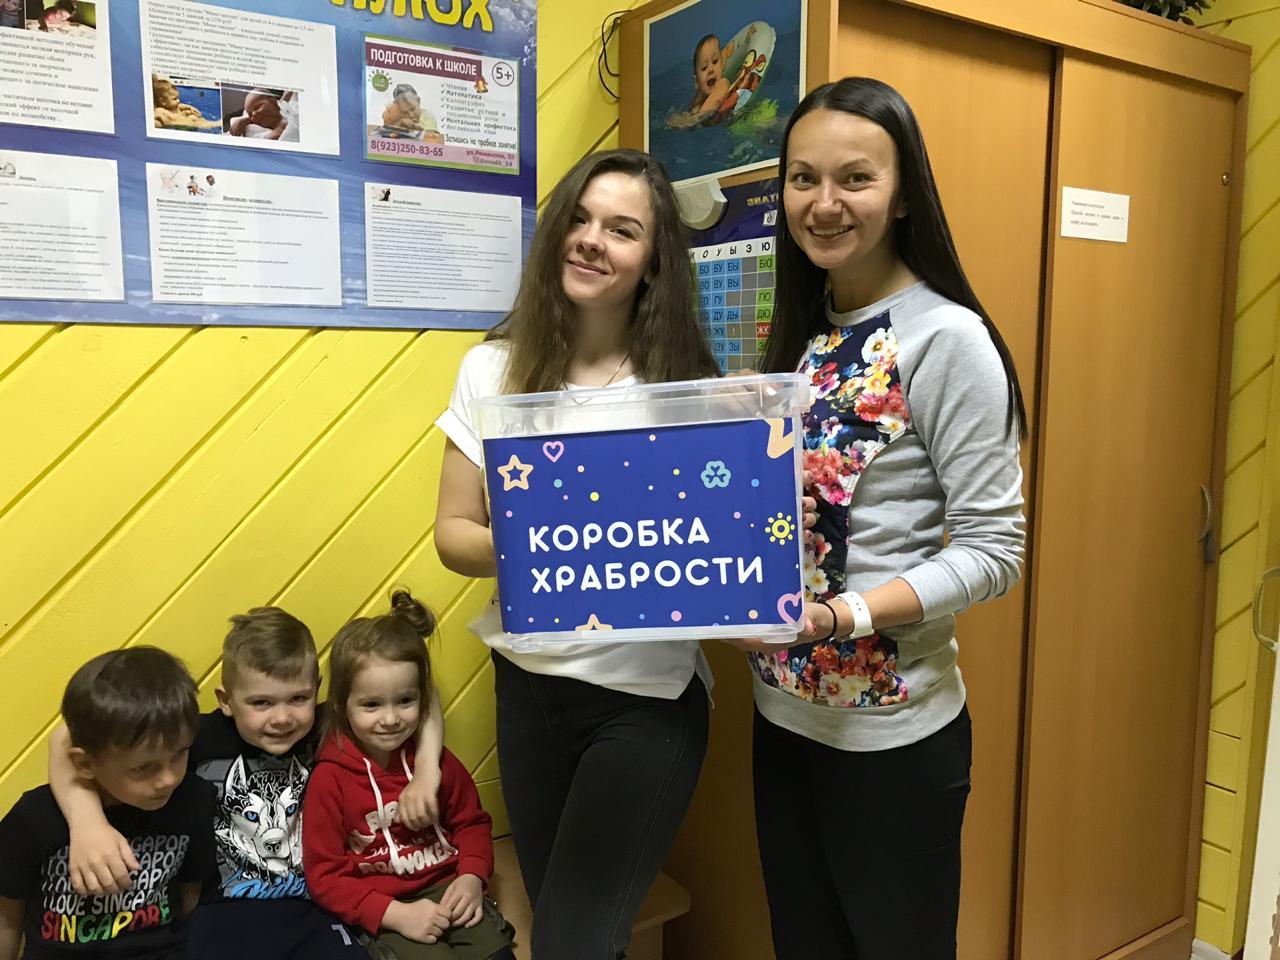 Новосибирск присоединился к проекту «Коробка храбрости»